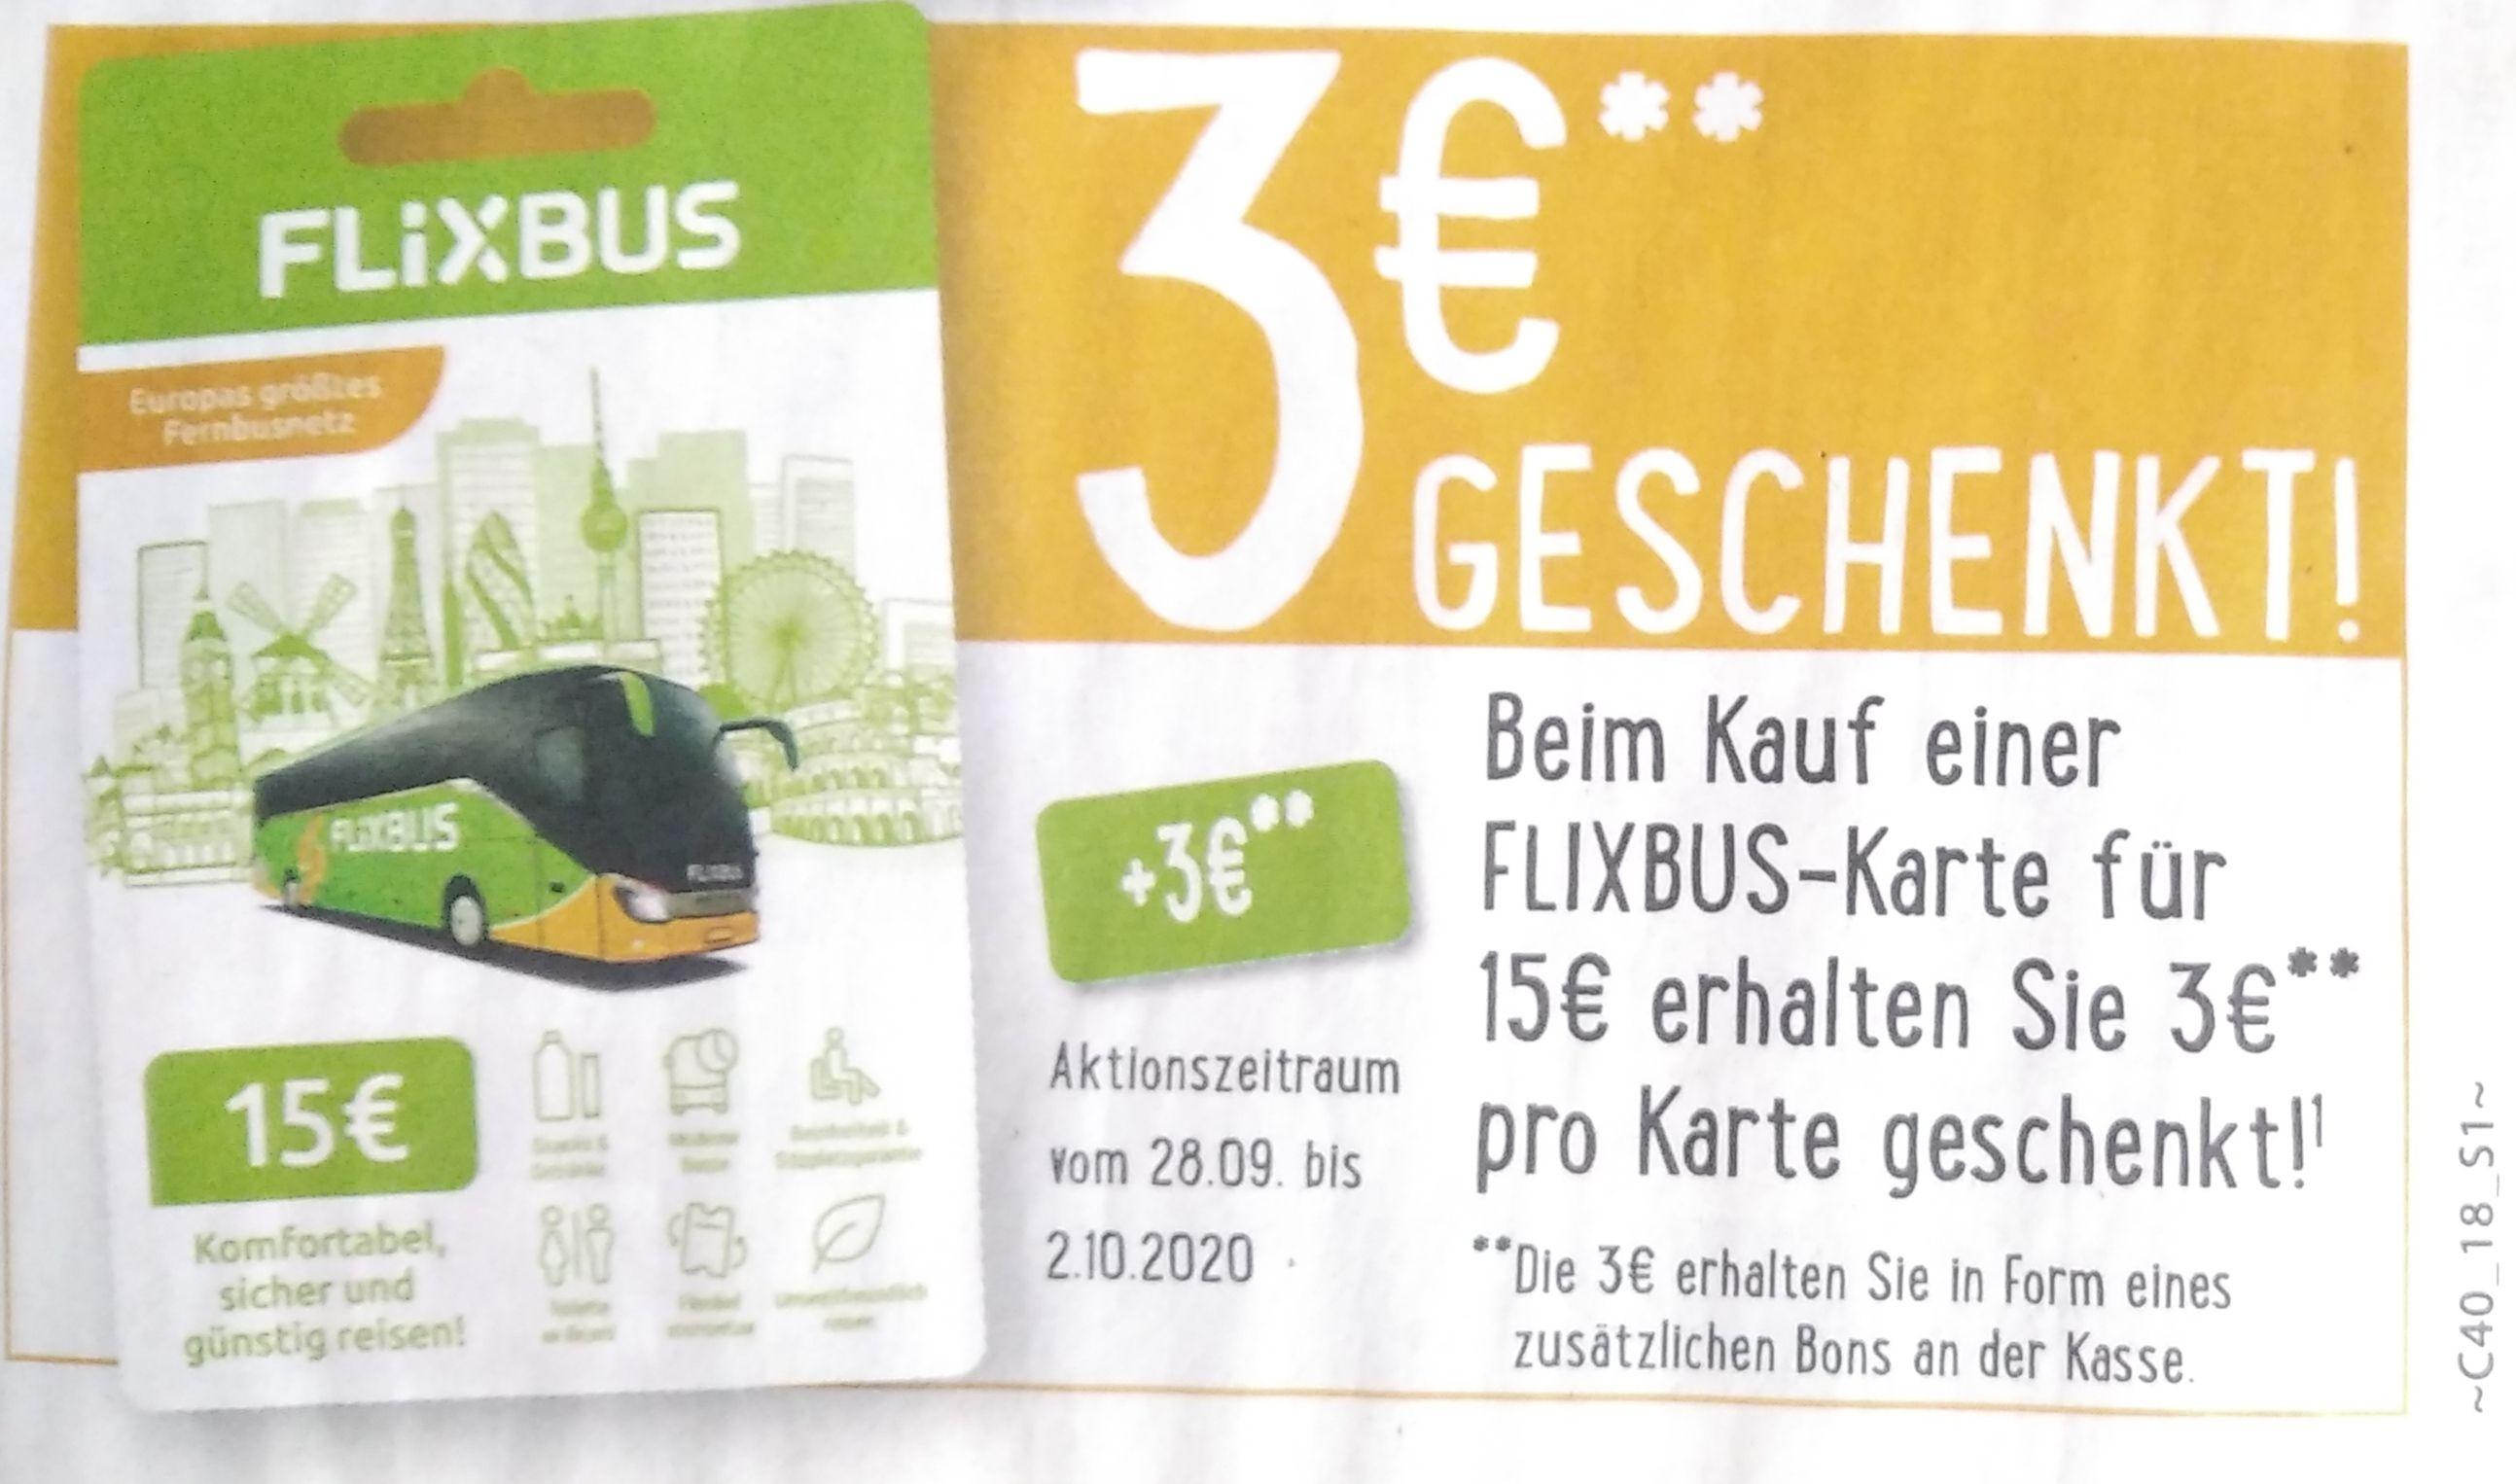 [EDEKA] Minden-Hannover Flixbuskarte in Höhe von 15€ kaufen und zusätzlich 3€ geschenkt bekommen.